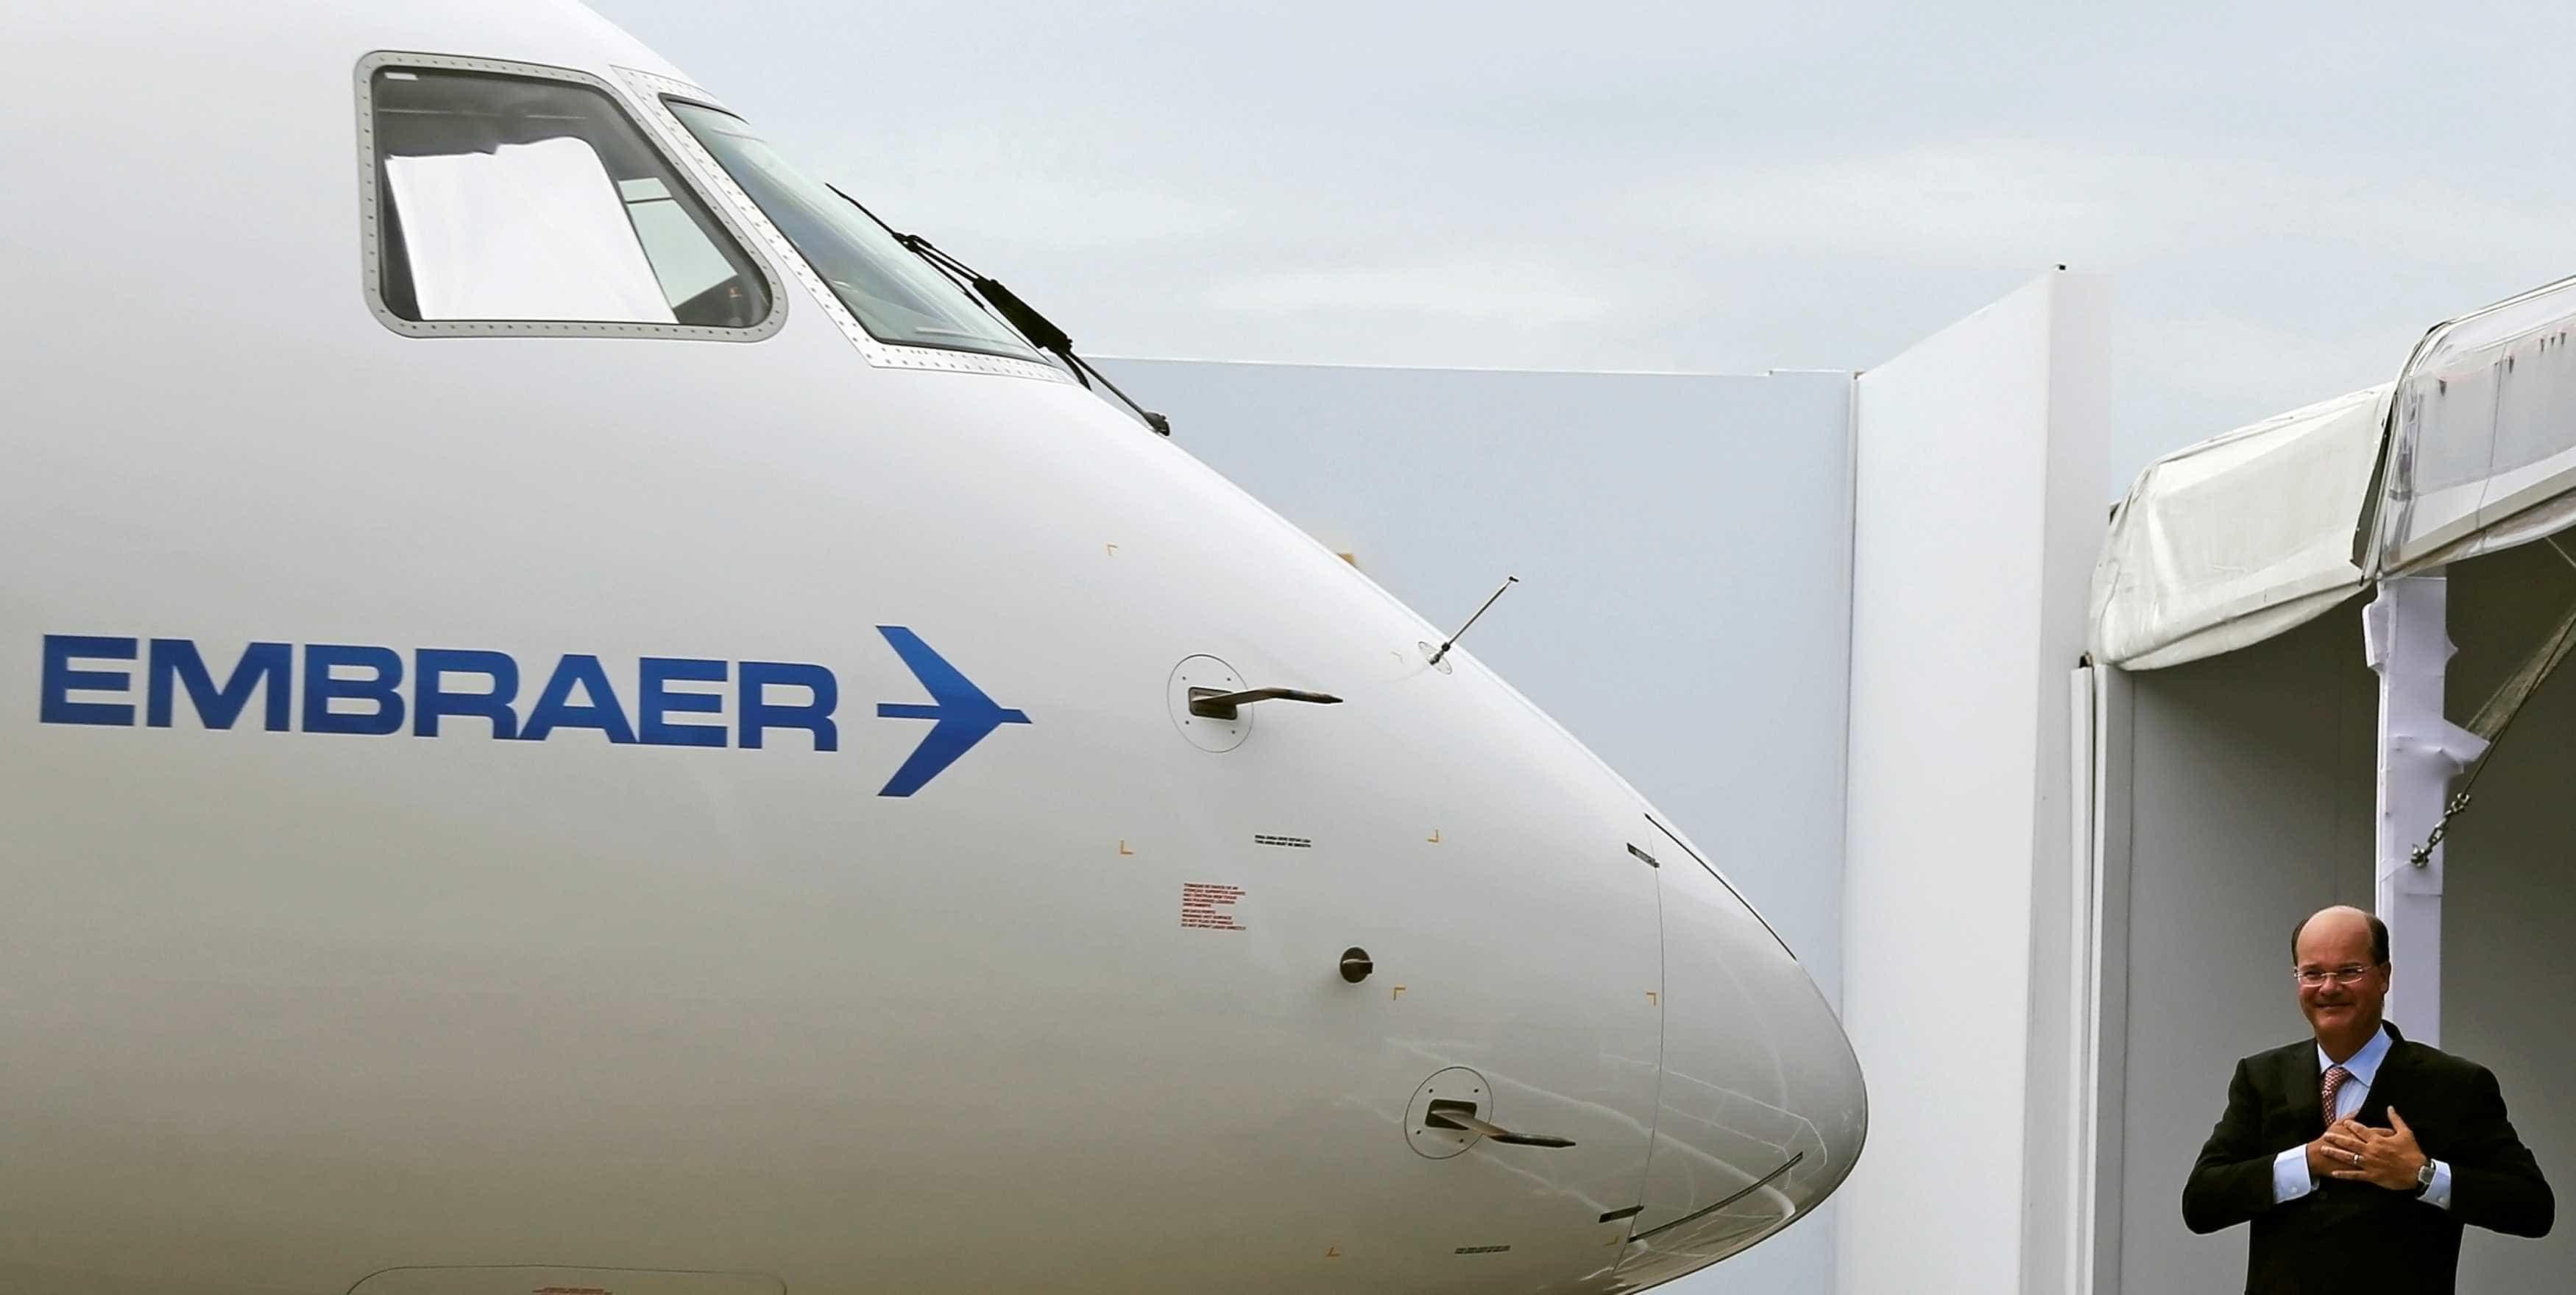 Embraer anuncia contrato de venda de 15 jatos à American Airlines